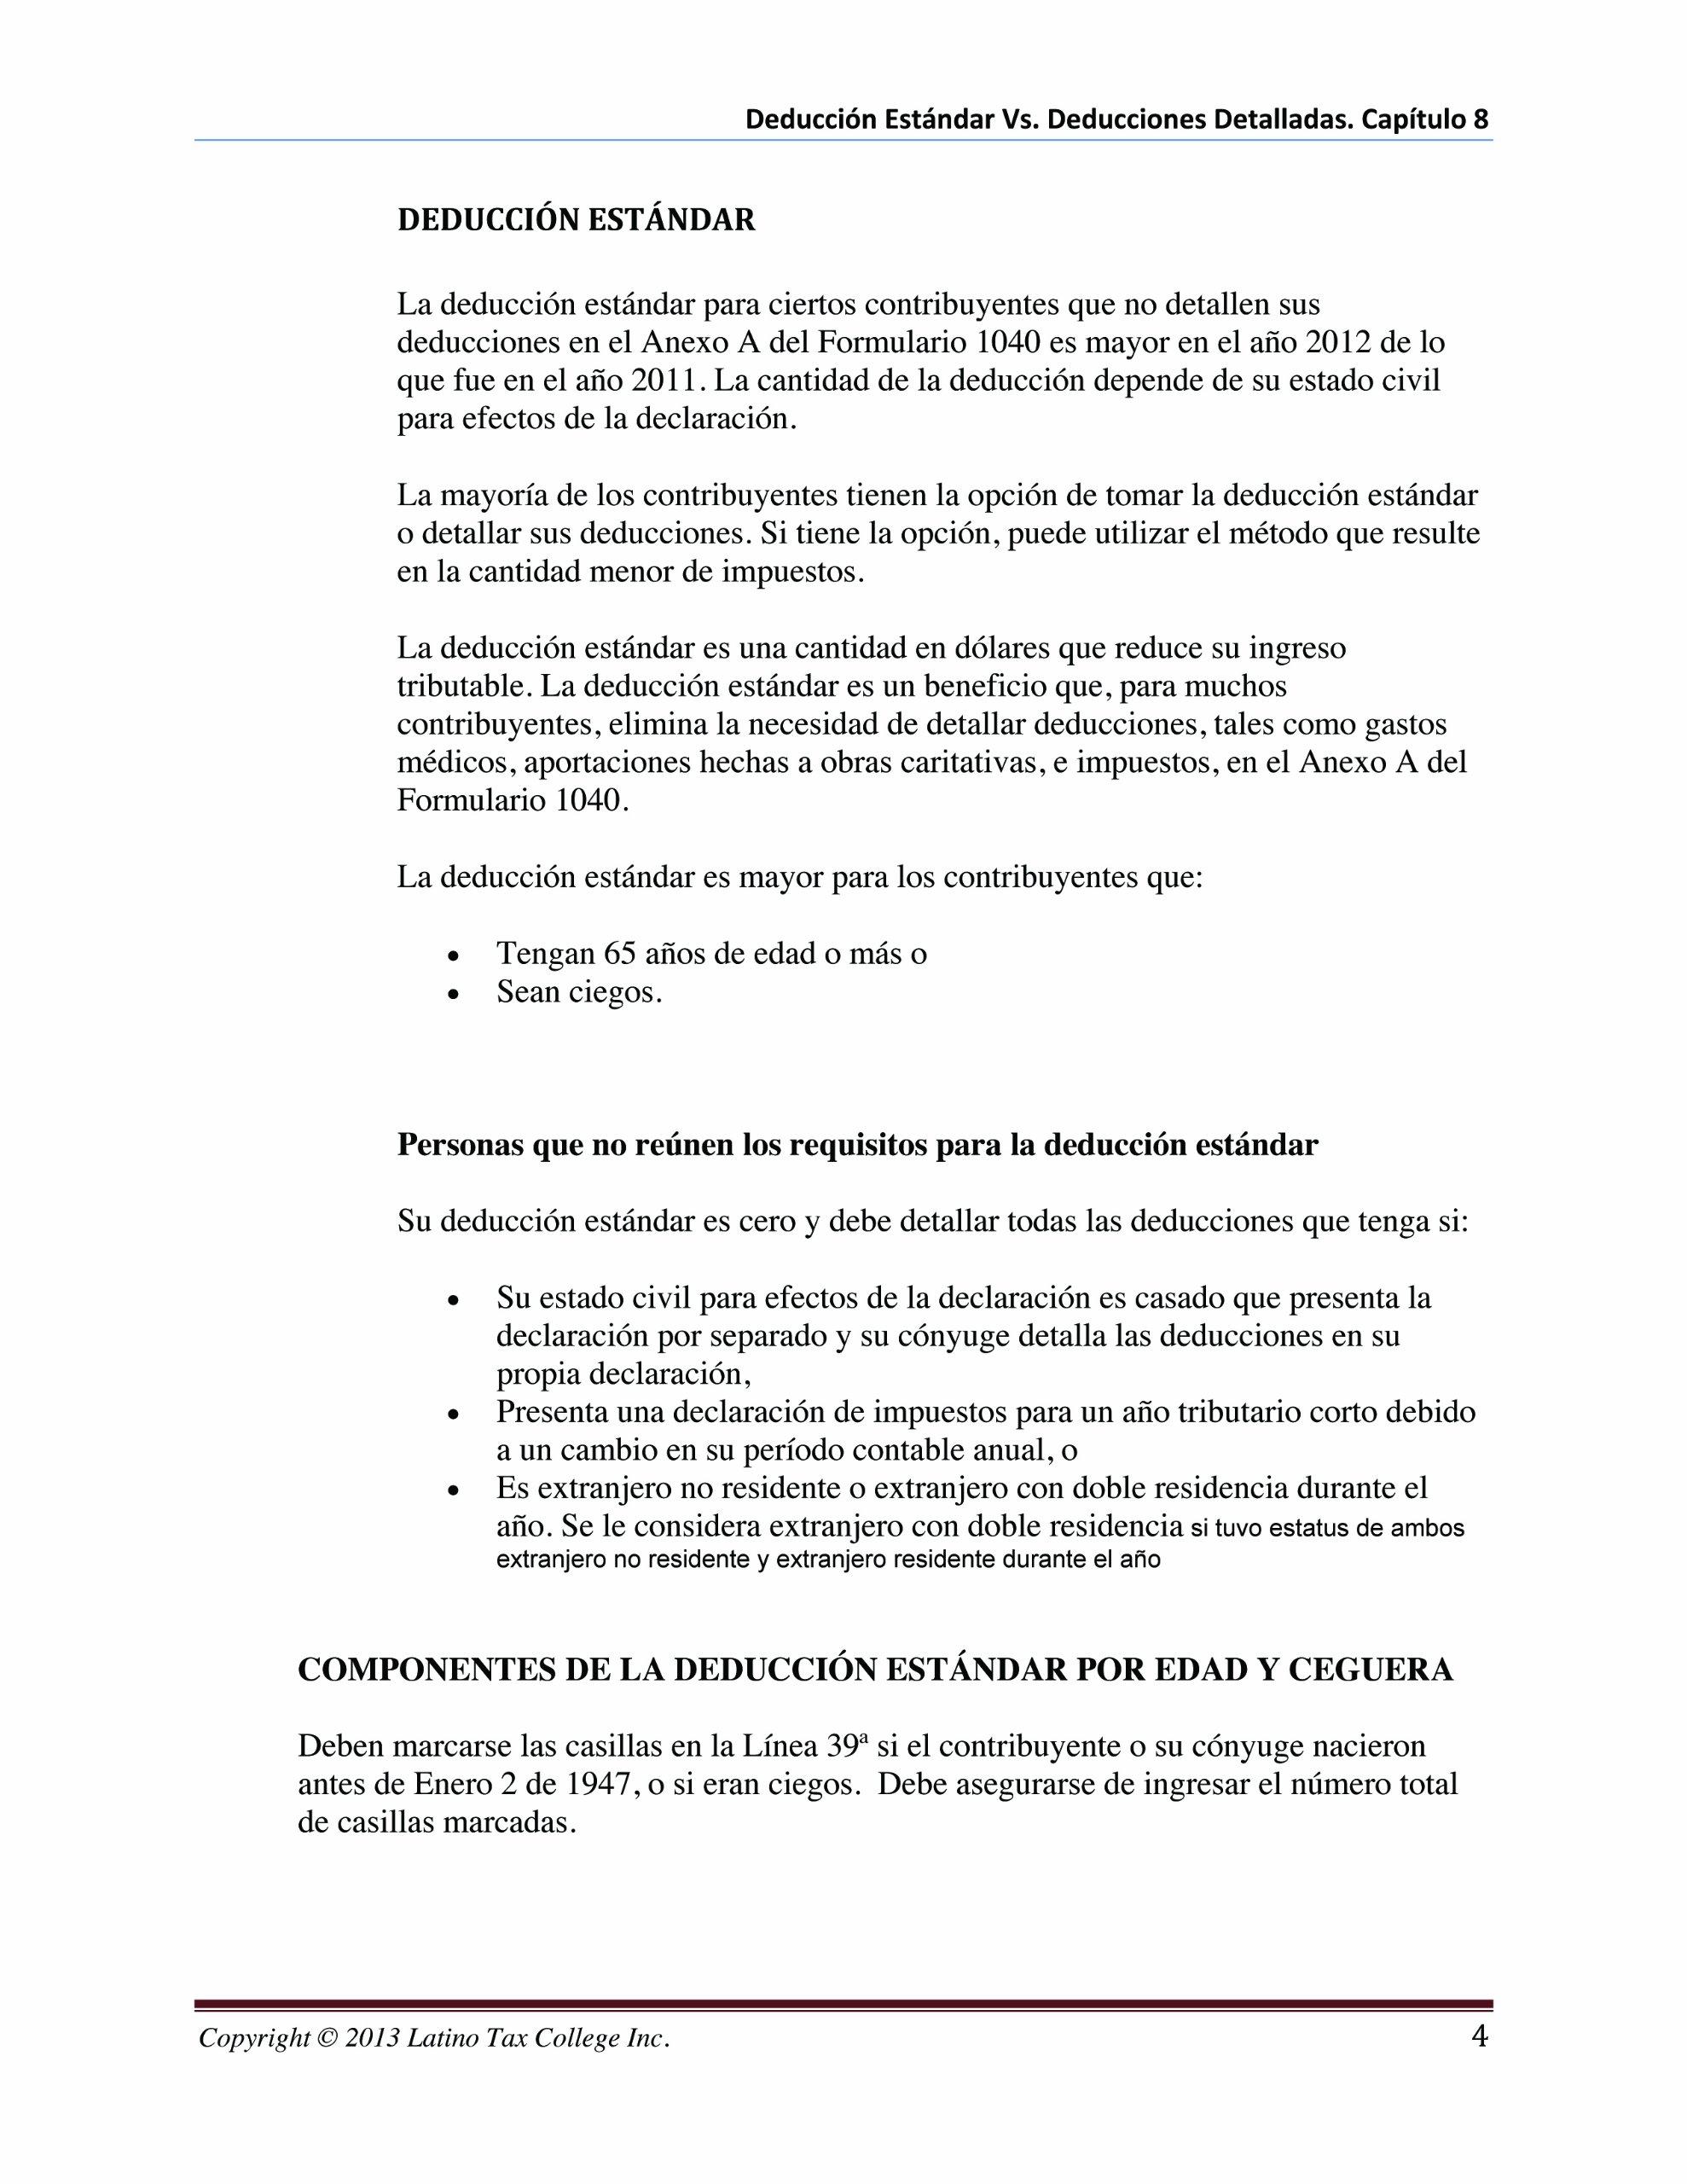 Introducción a la Preparación Básica de Impuestos (Introducción a la Preparación Básica de Impuestos Personales en los Estados Unidos): Latino tax College ...